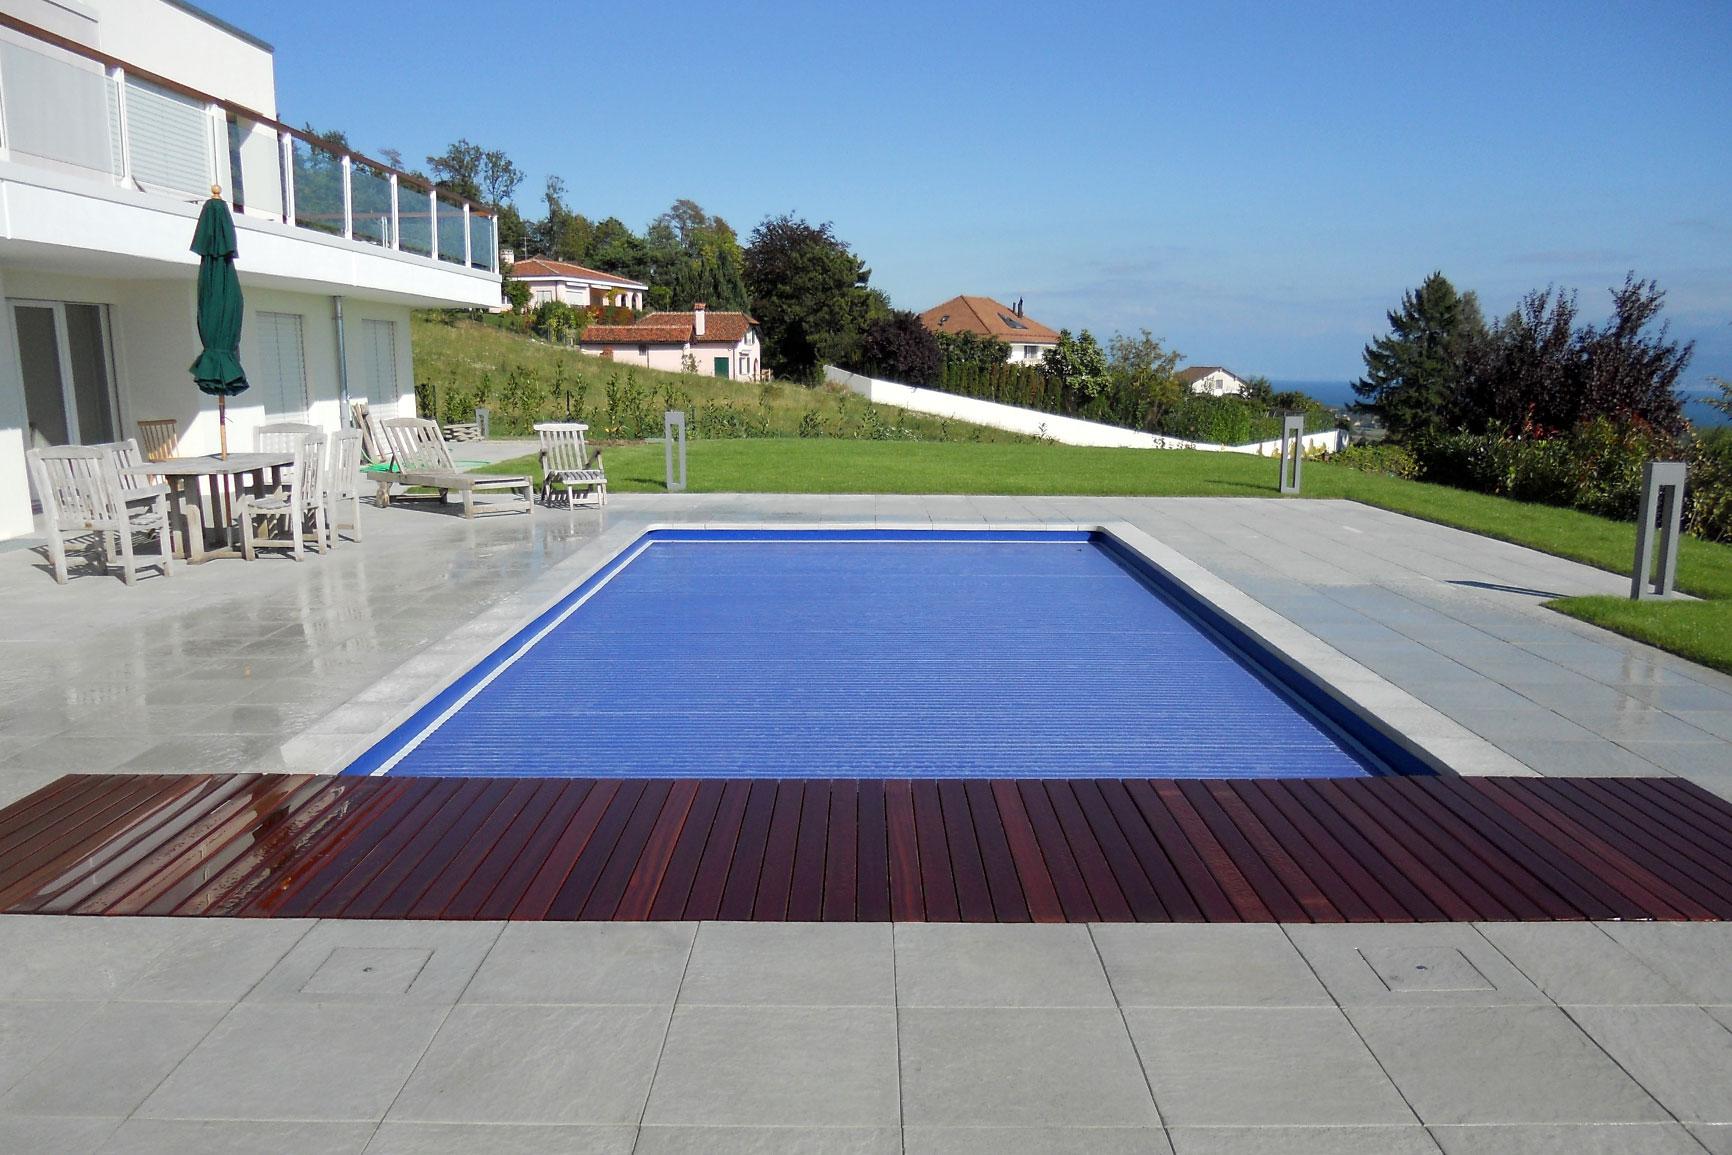 Classique liner piscines widmer for Piscine avec liner beige